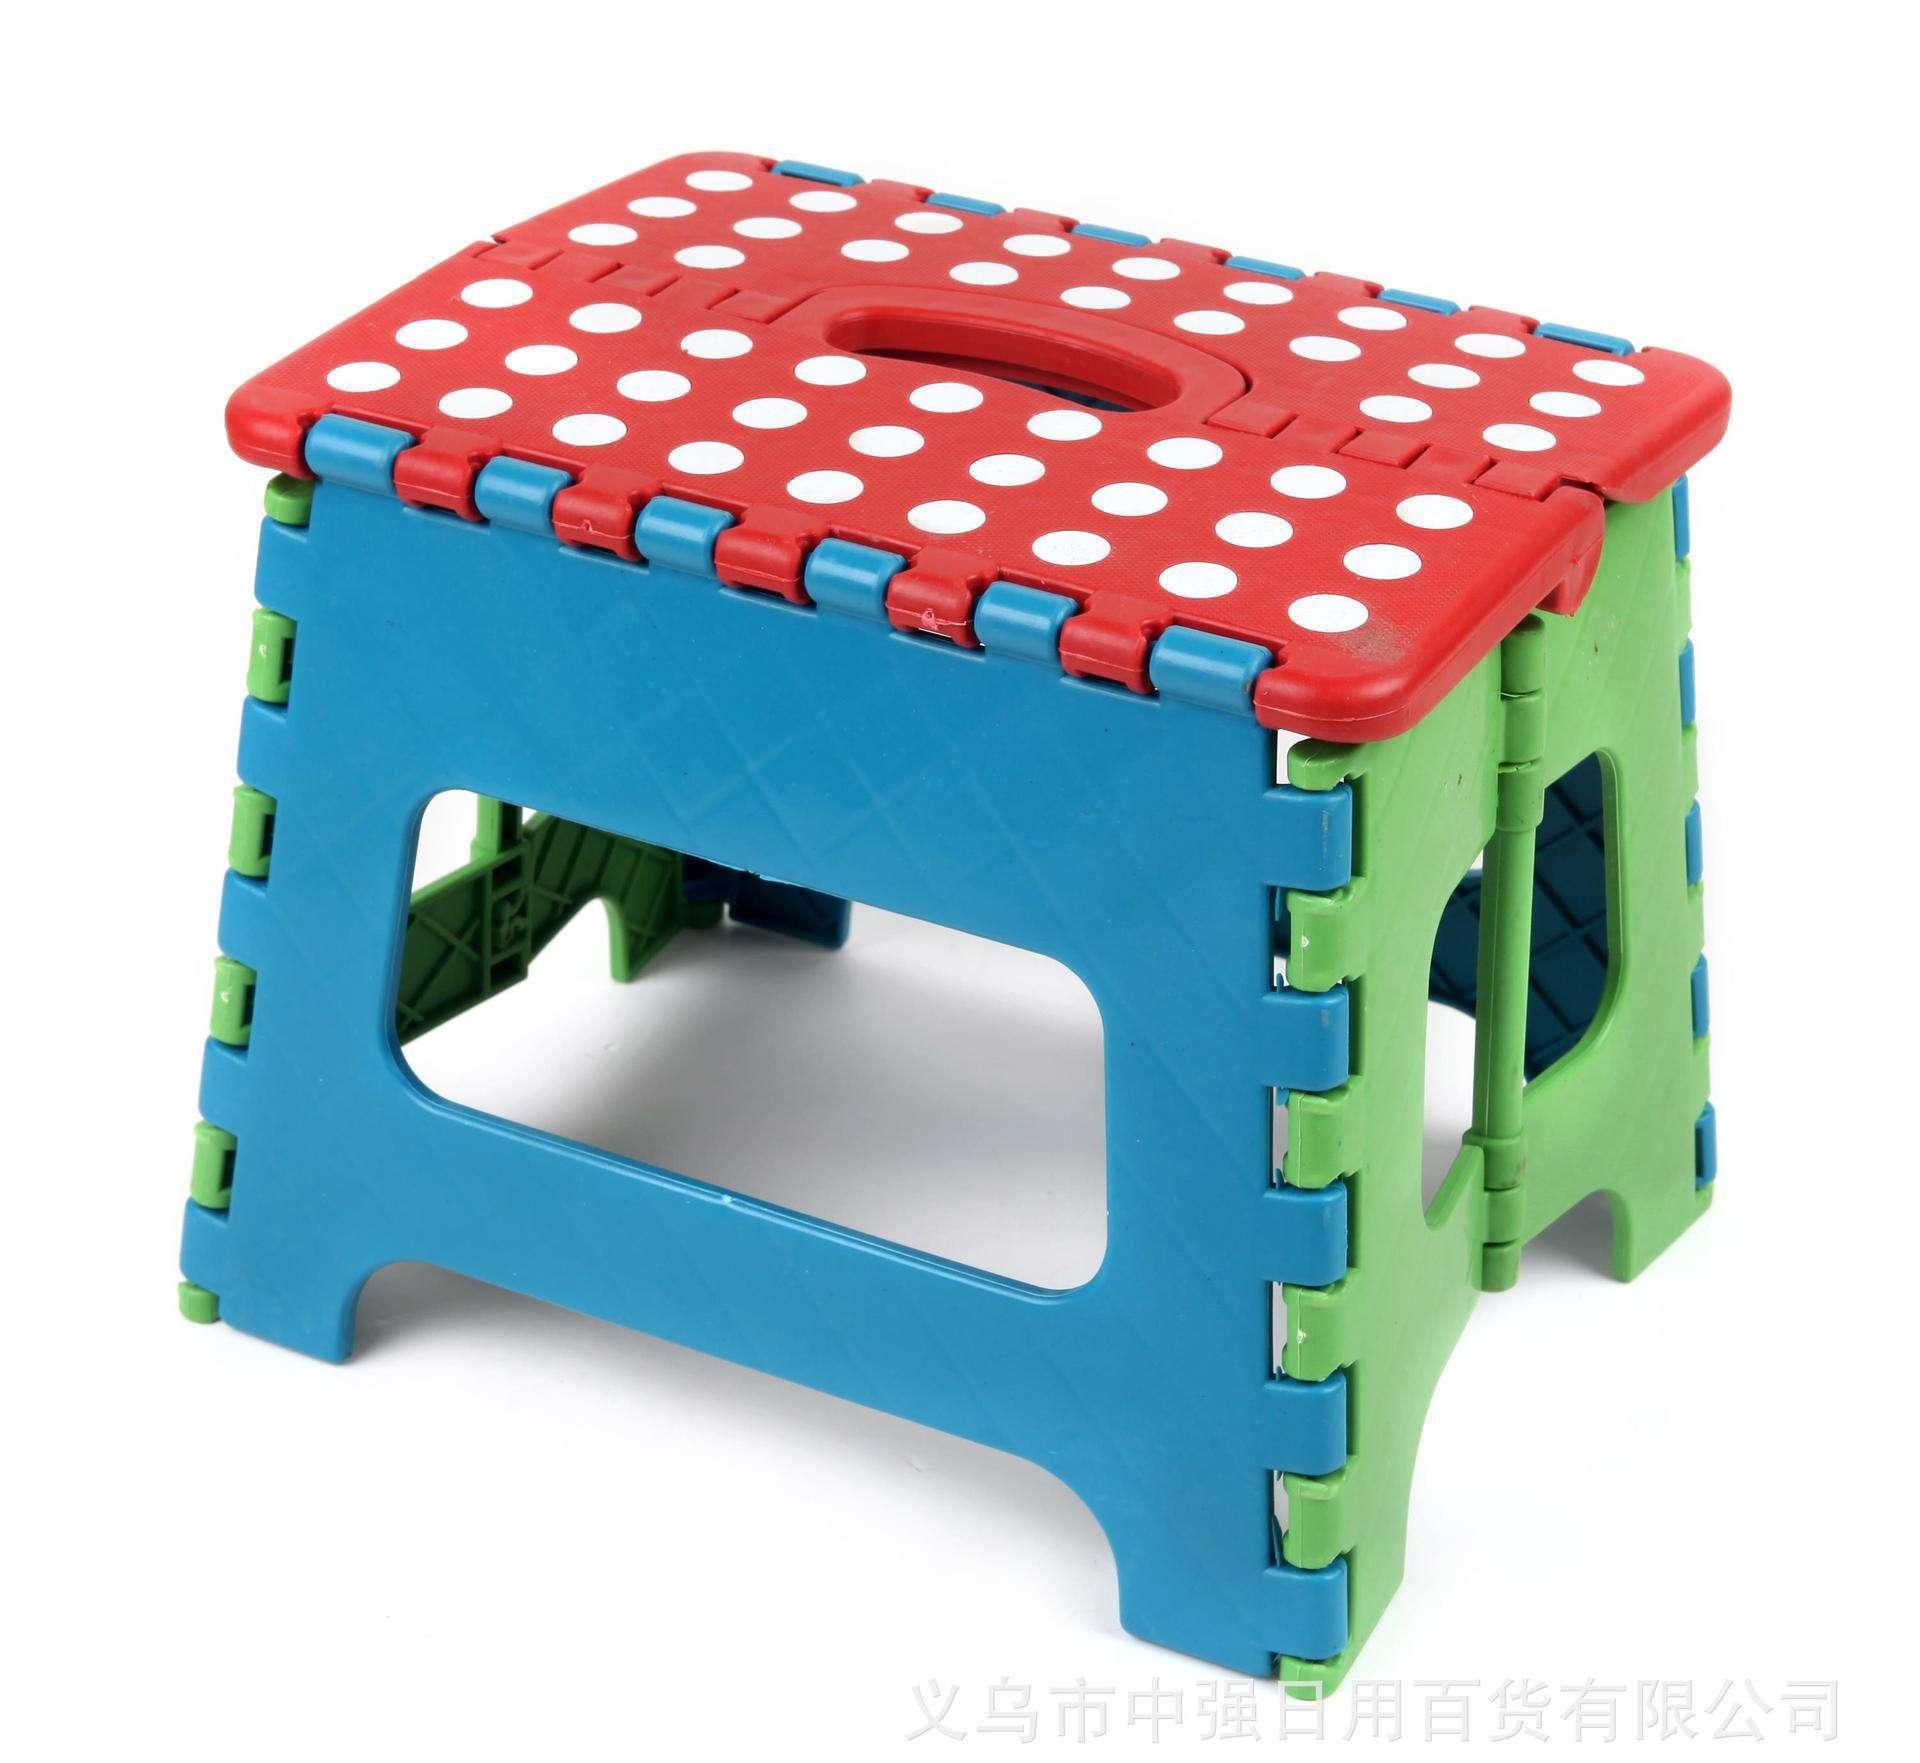 库存折叠凳处理 库存折叠凳清仓 东莞收购库存折叠凳